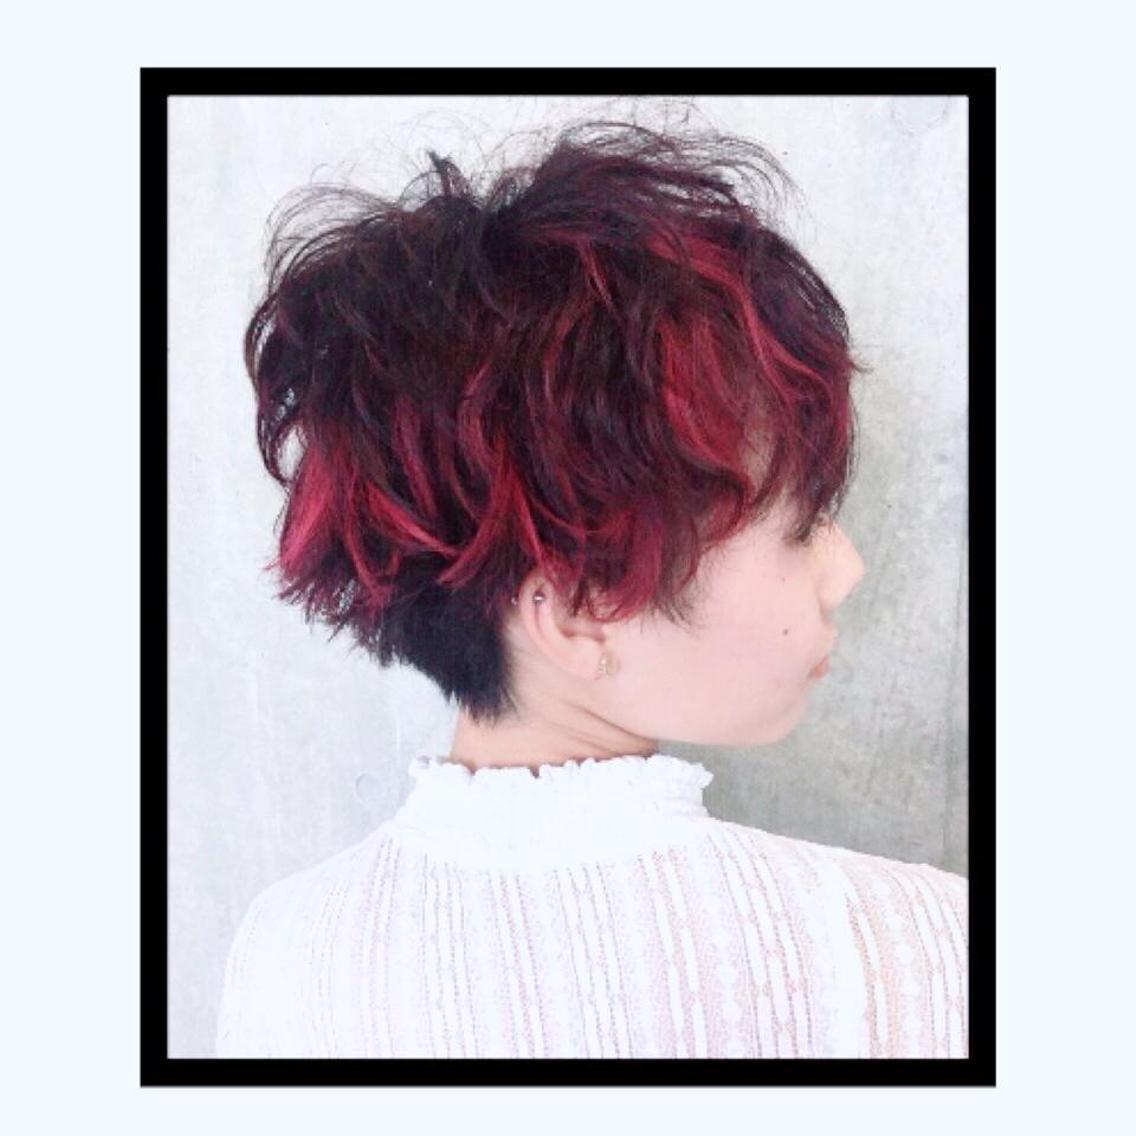 UP-PU ART HAIR所属・UP-PU ART HAIRの掲載